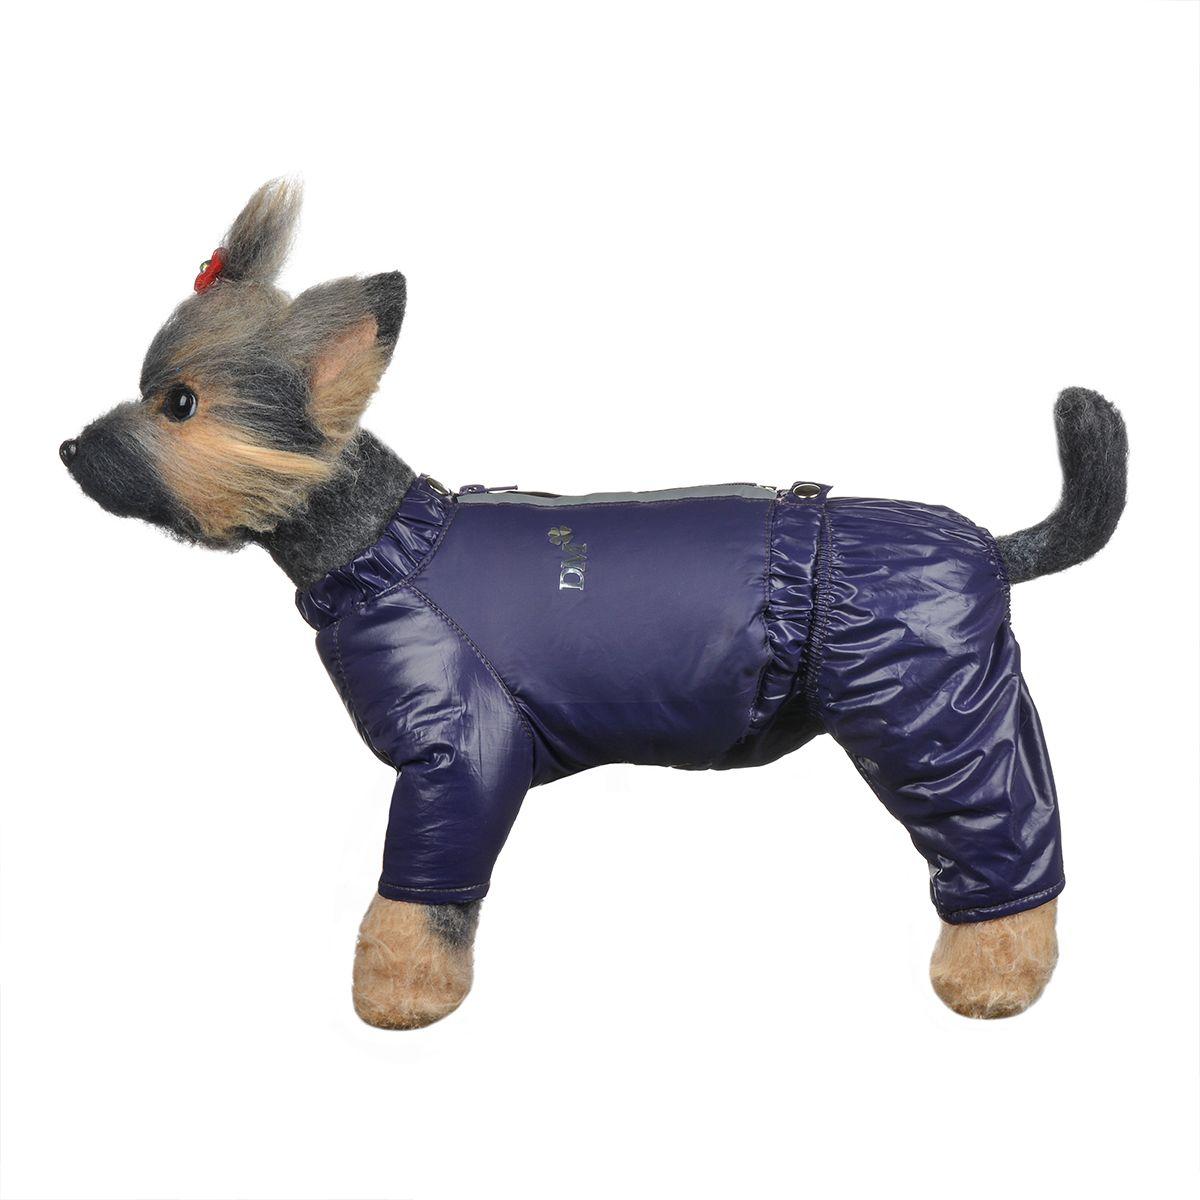 Костюм для собак Dogmoda Дублин, зимний, для девочки, цвет: фиолетовый, розовый. Размер 1 (S) комбинезон для собак dogmoda doggs зимний для девочки цвет оранжевый размер xxxl